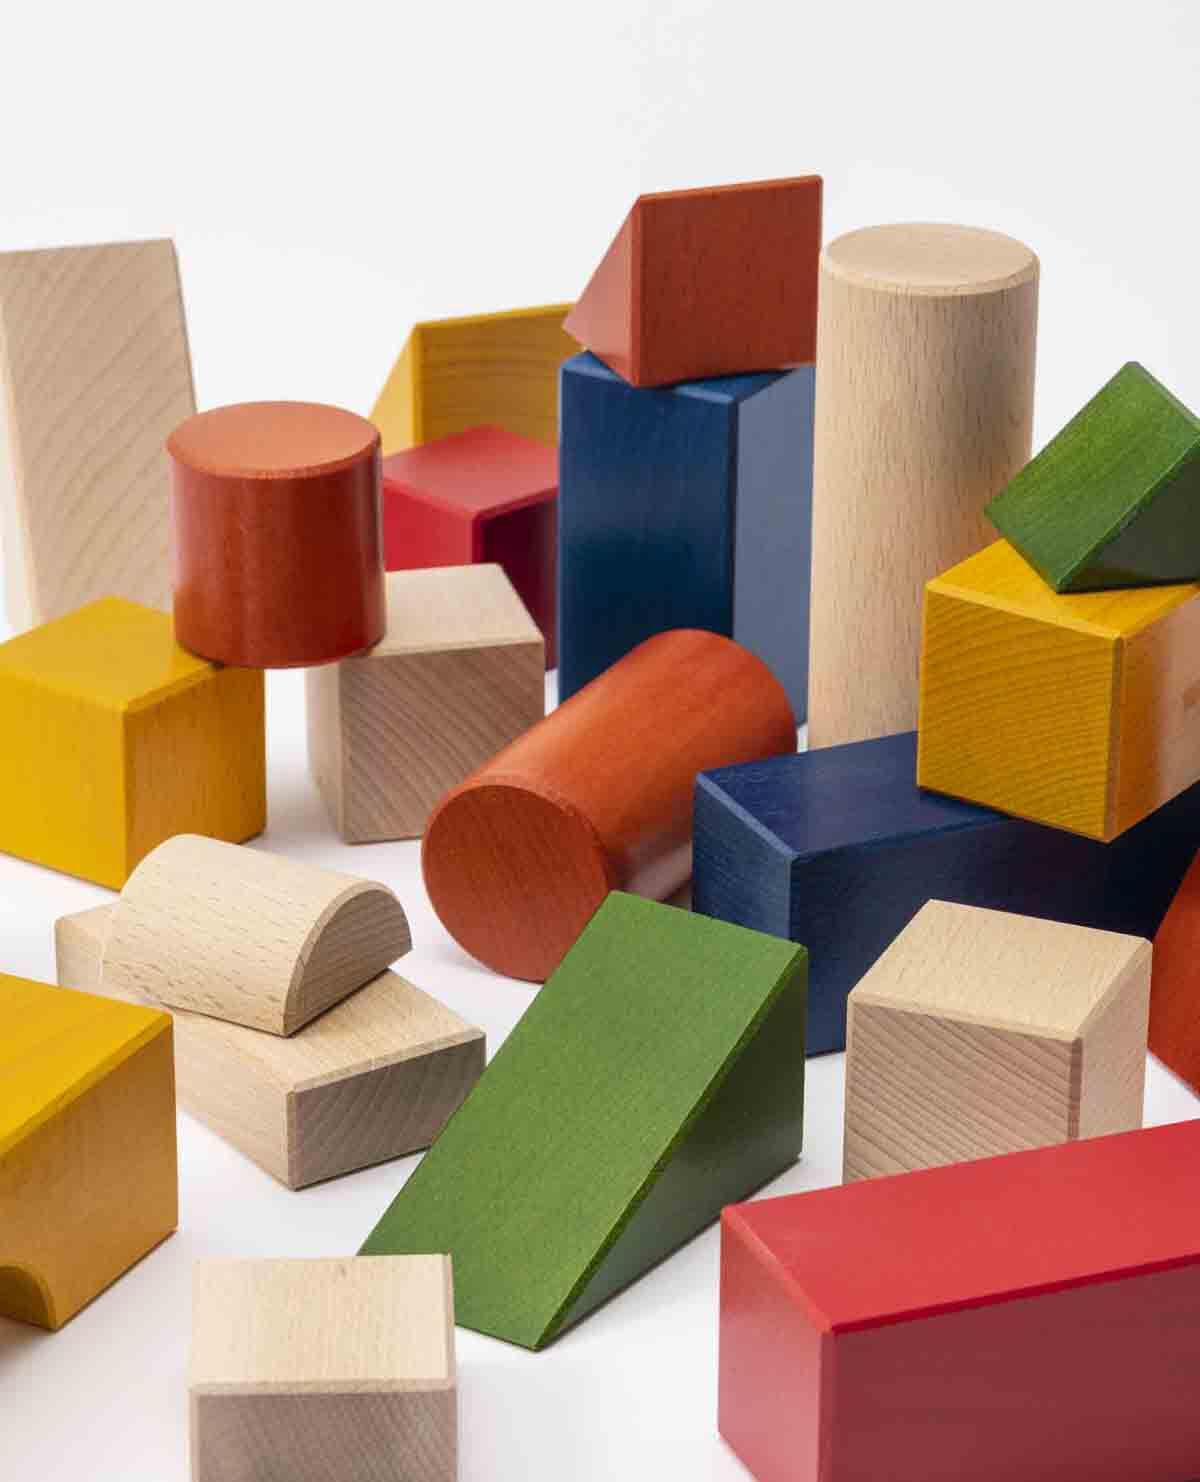 オリジナル 積み木 カラー おもちゃ